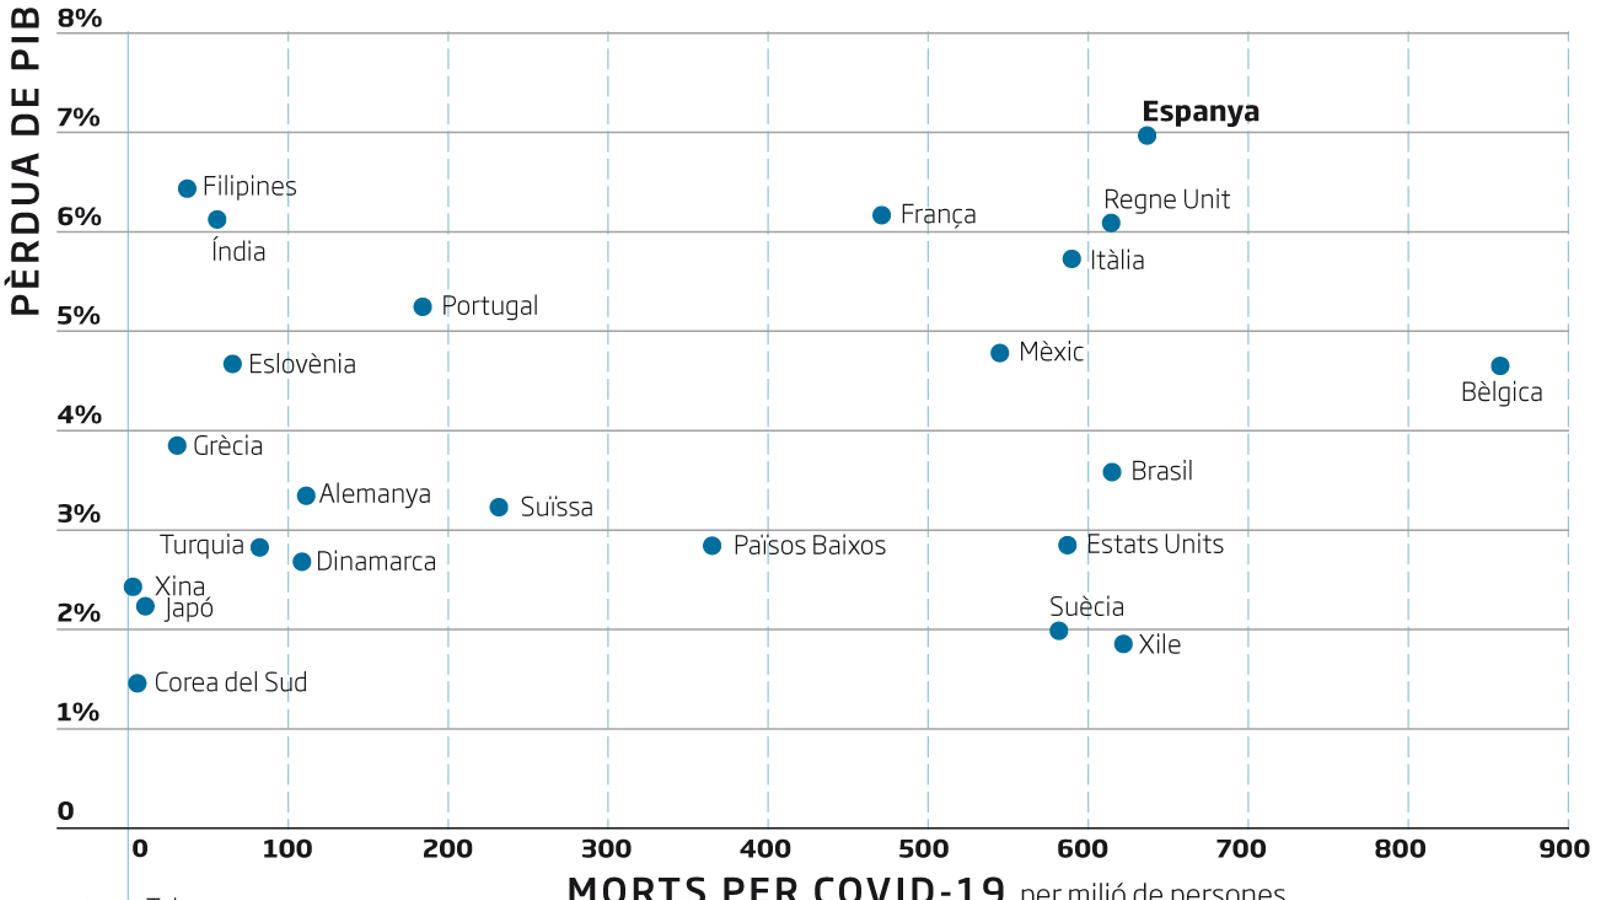 Ni economia ni salut: Espanya lidera les pèrdues del PIB i els rànquings de morts